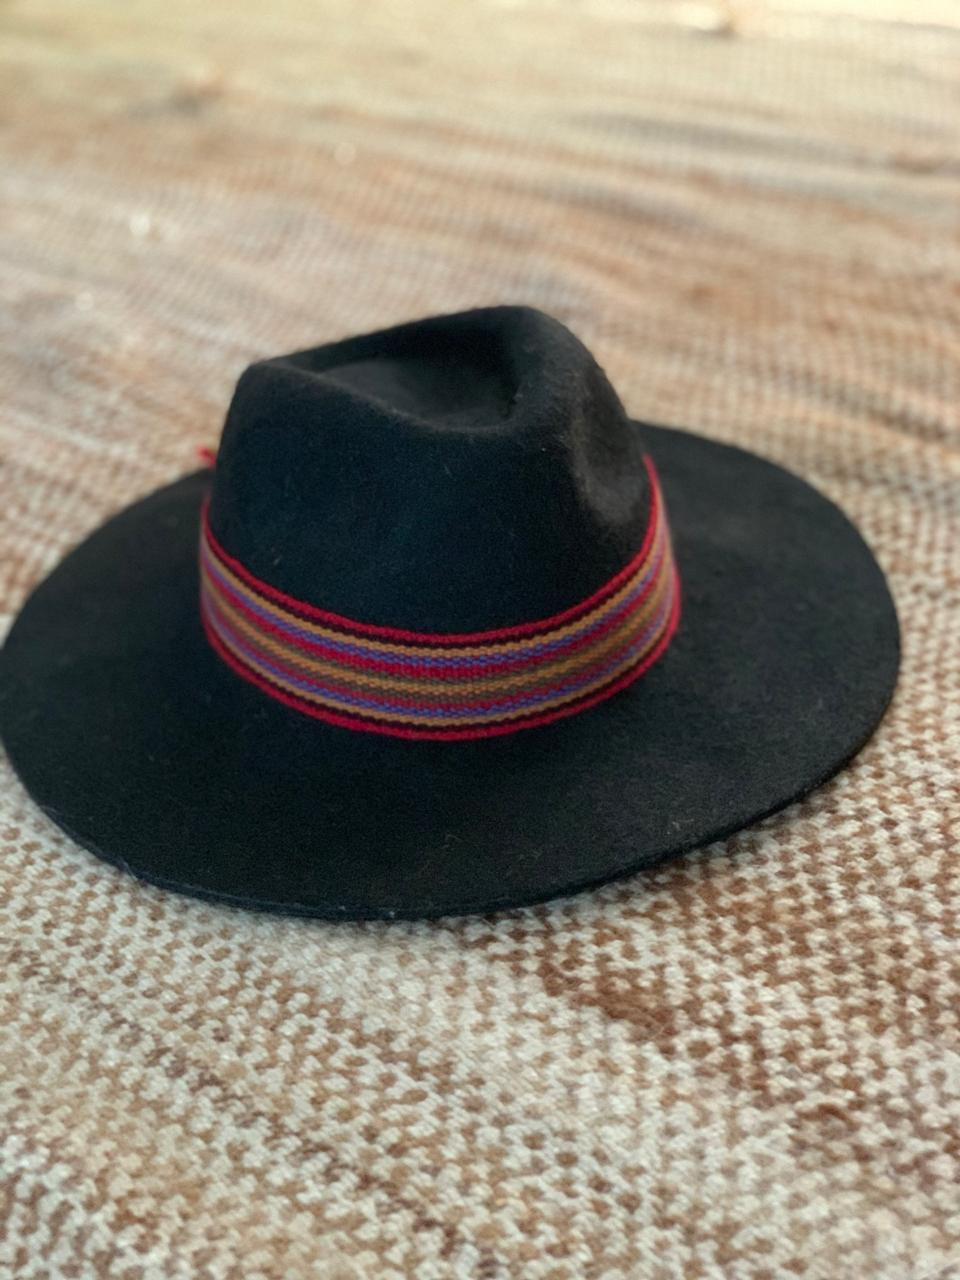 Cusco Black 2 – 2